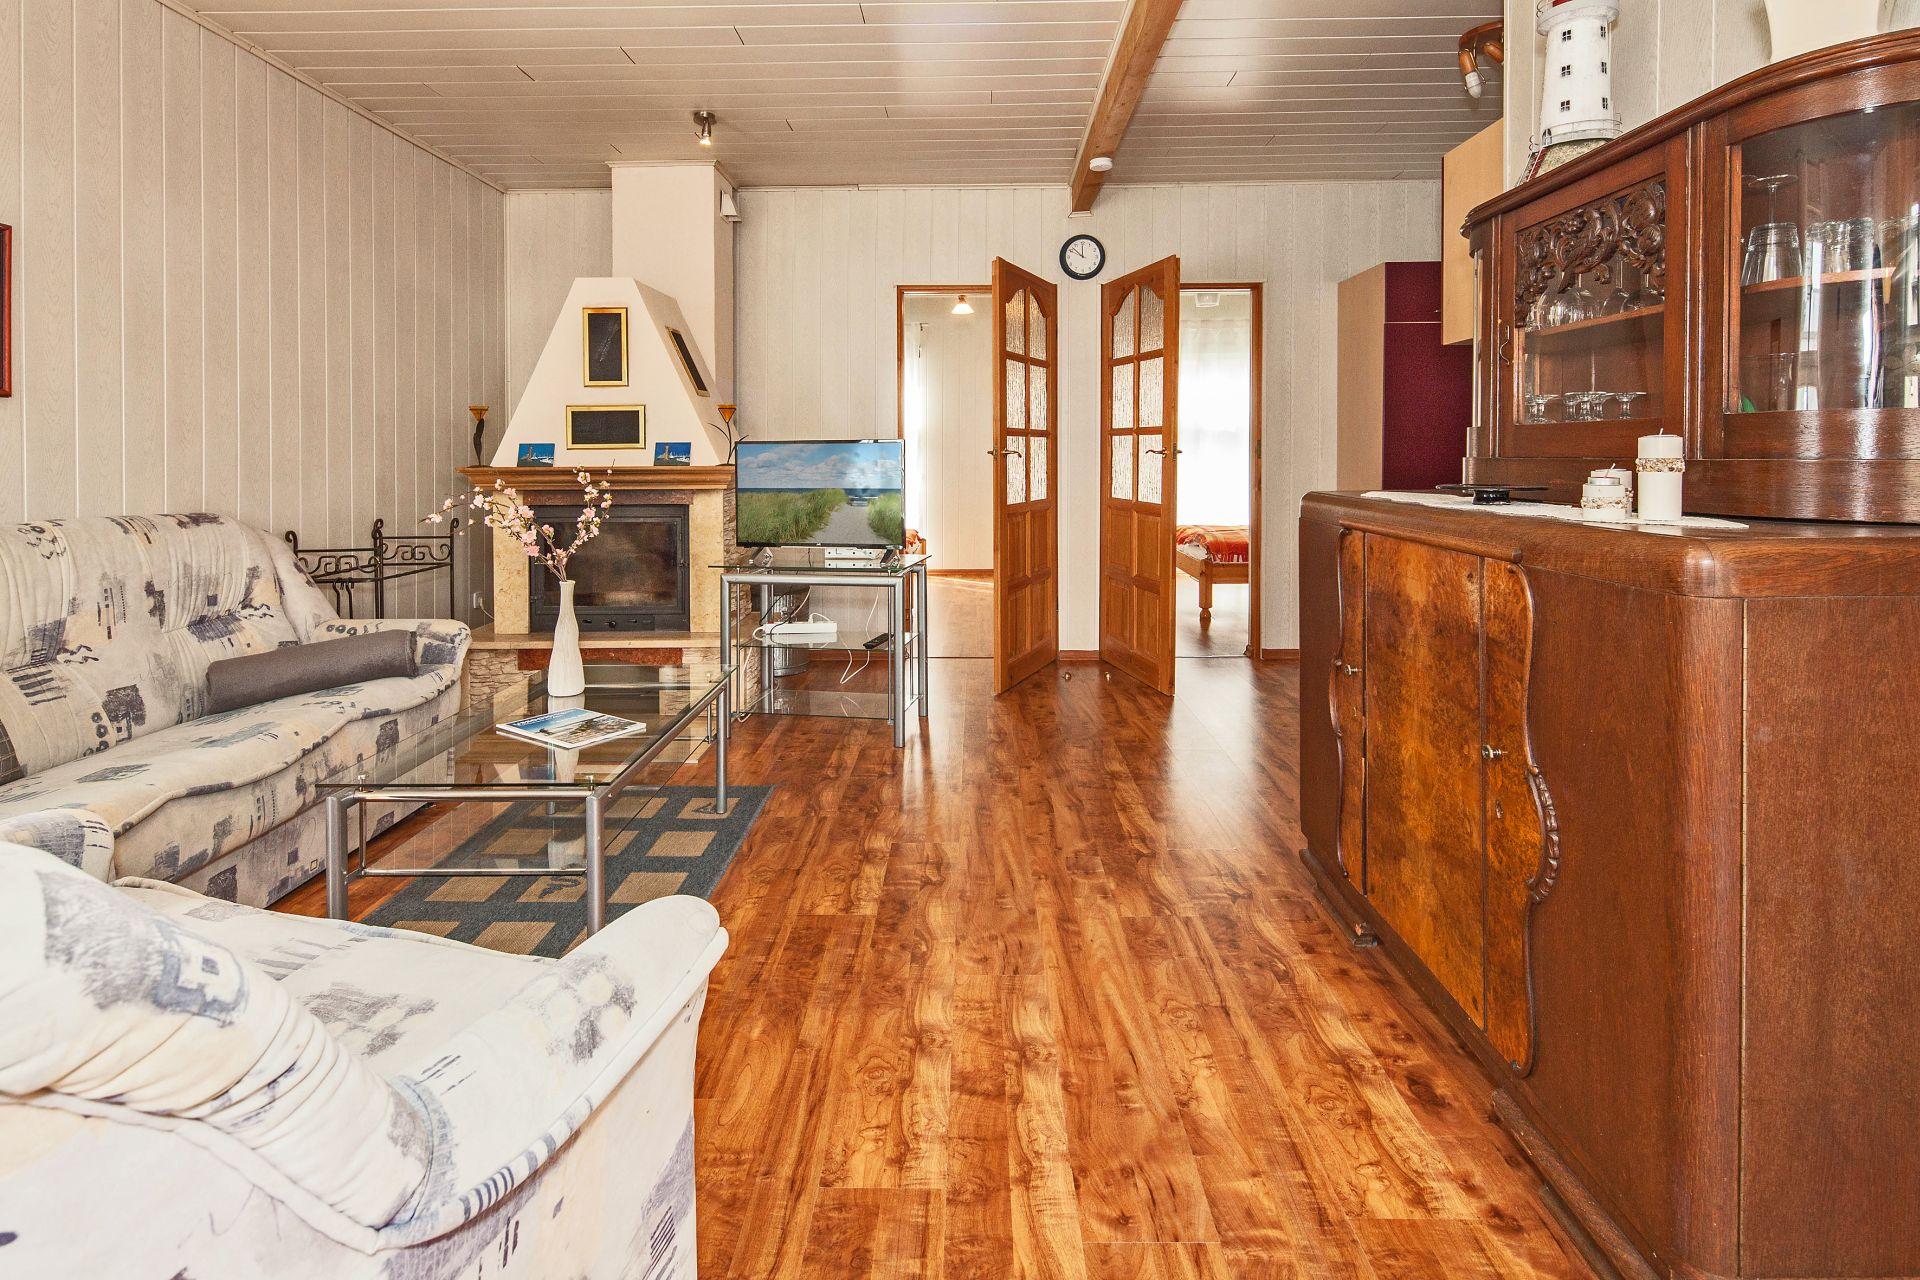 IMG 8131 Aufnachusedom Ferienwohnung Ferienhaus und Meehr Ahlbeck Bansin Usedom Insel 18 - Ferienhaus Ahlbeck